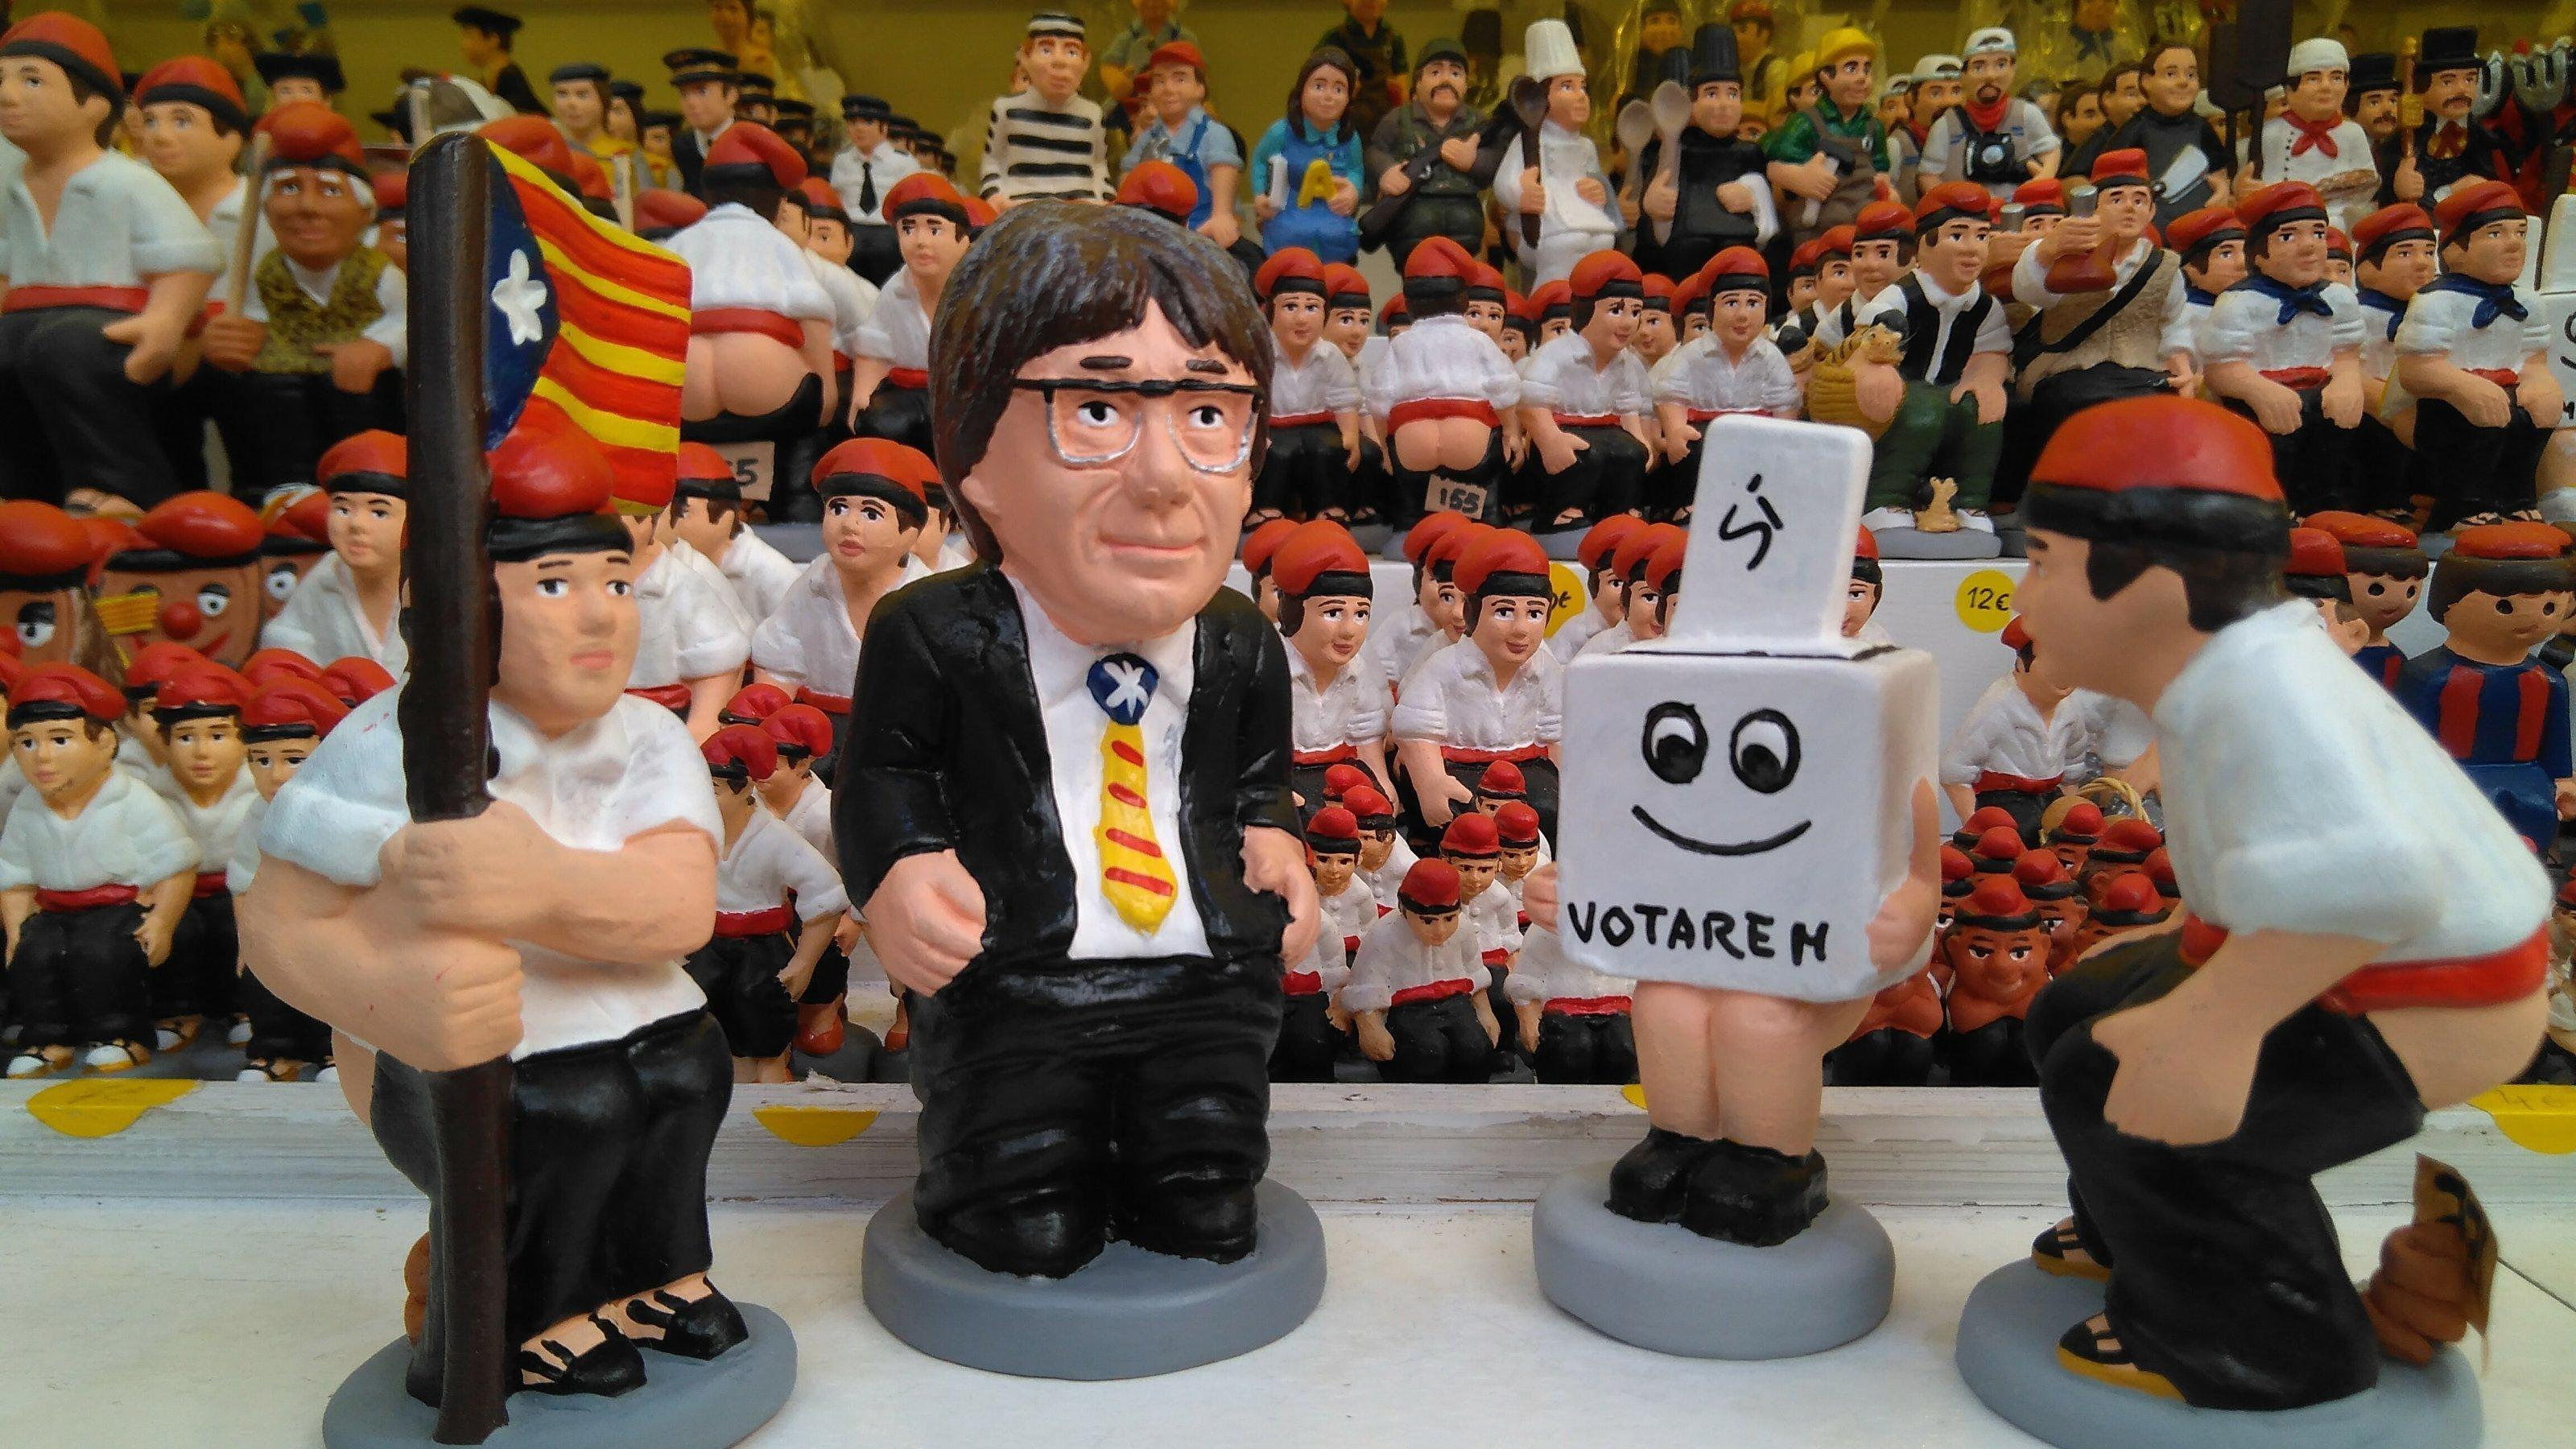 """Katalanische Krippenfiguren mit der separatistischen """"Estelada"""", in Form von Wahlurnen und dem katalanischen Ex-Präsidenten Carles Puigdemont."""